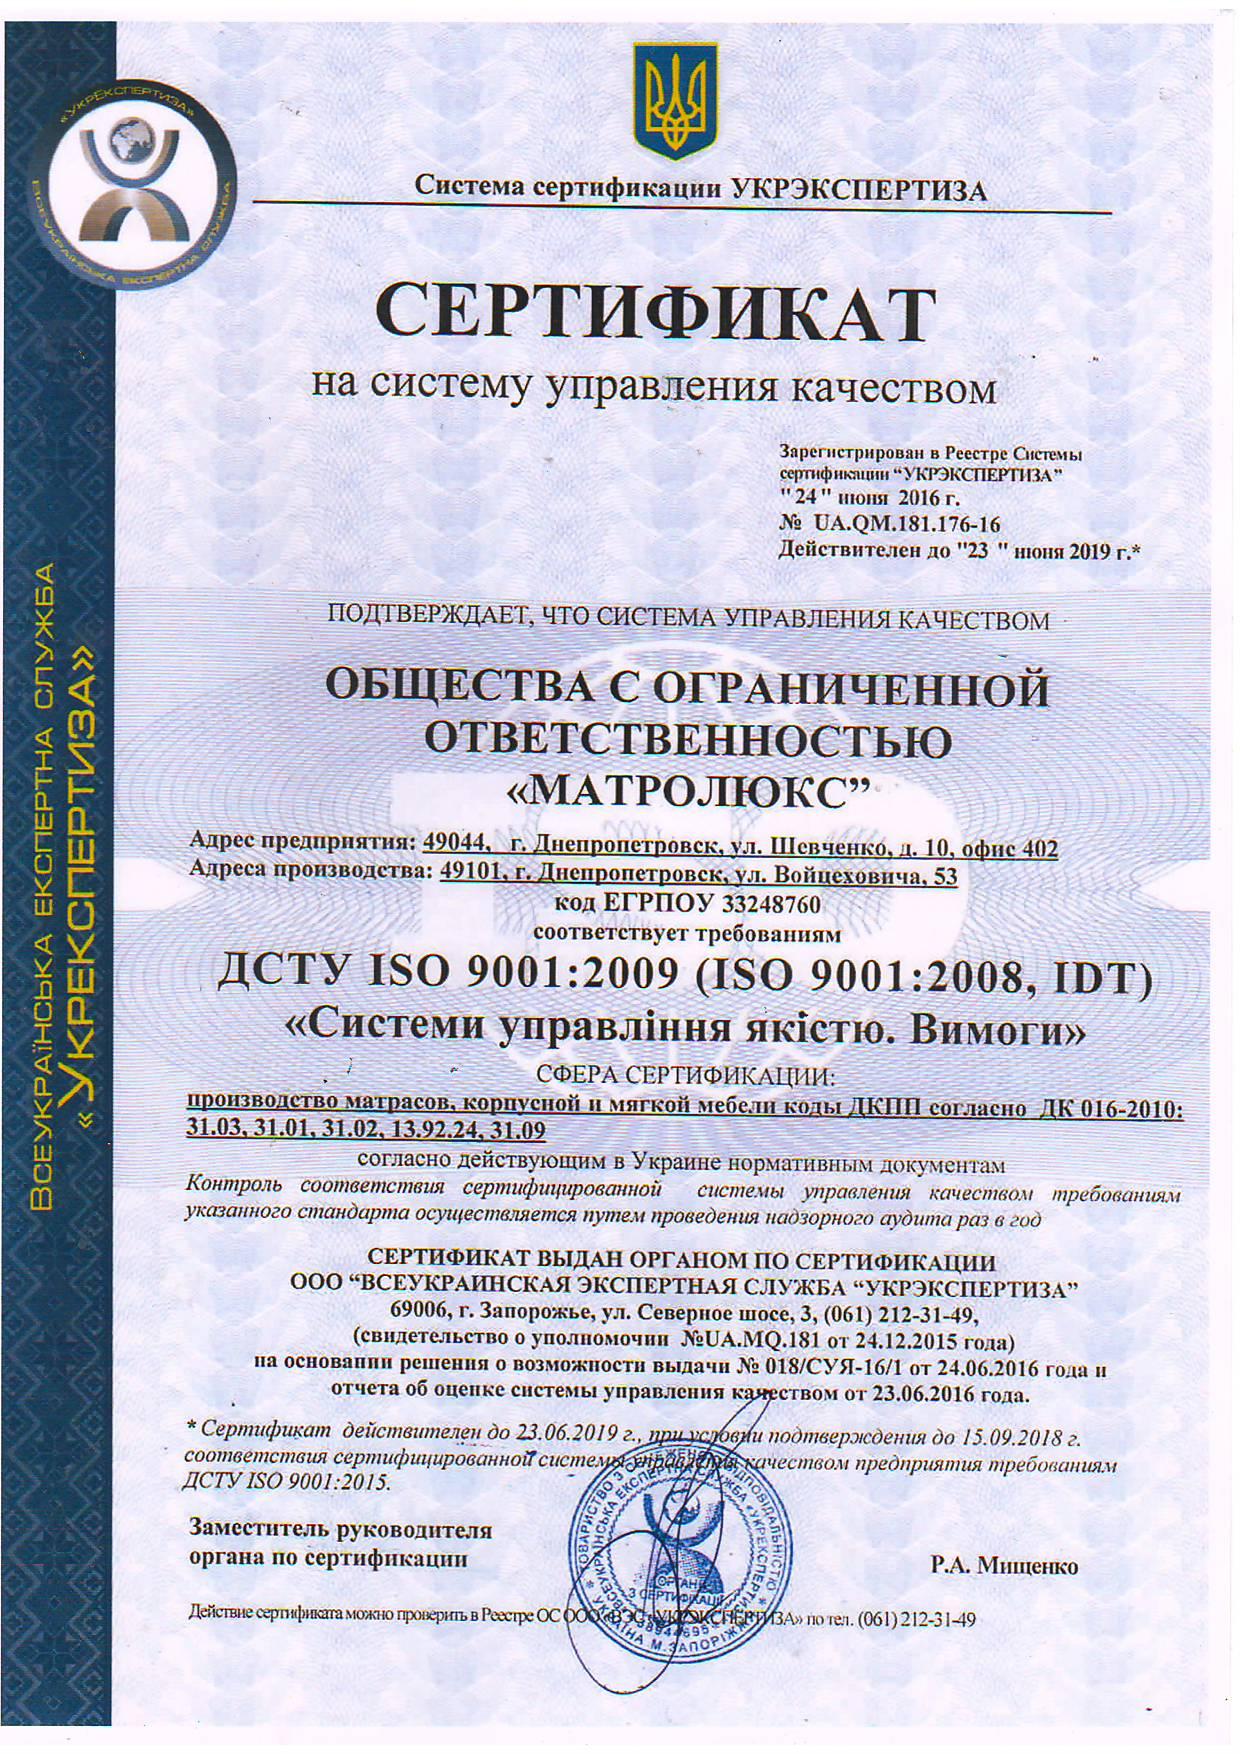 Сертификат на систему управления качеством 1